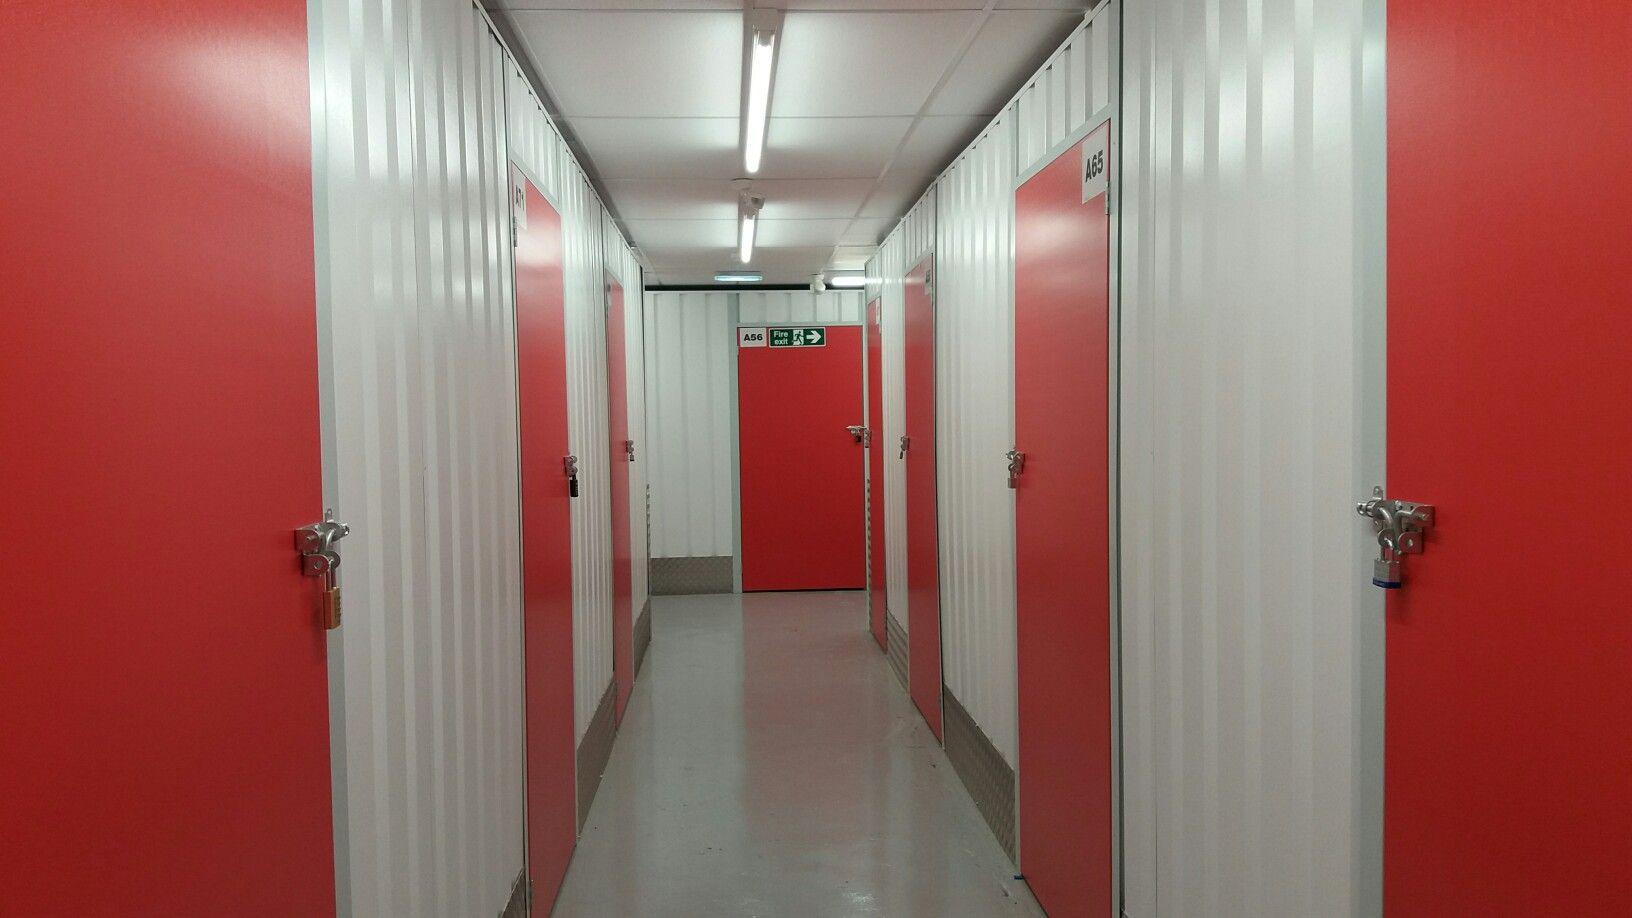 mkboxselfstorage selfstorage corridor selfstoragemk